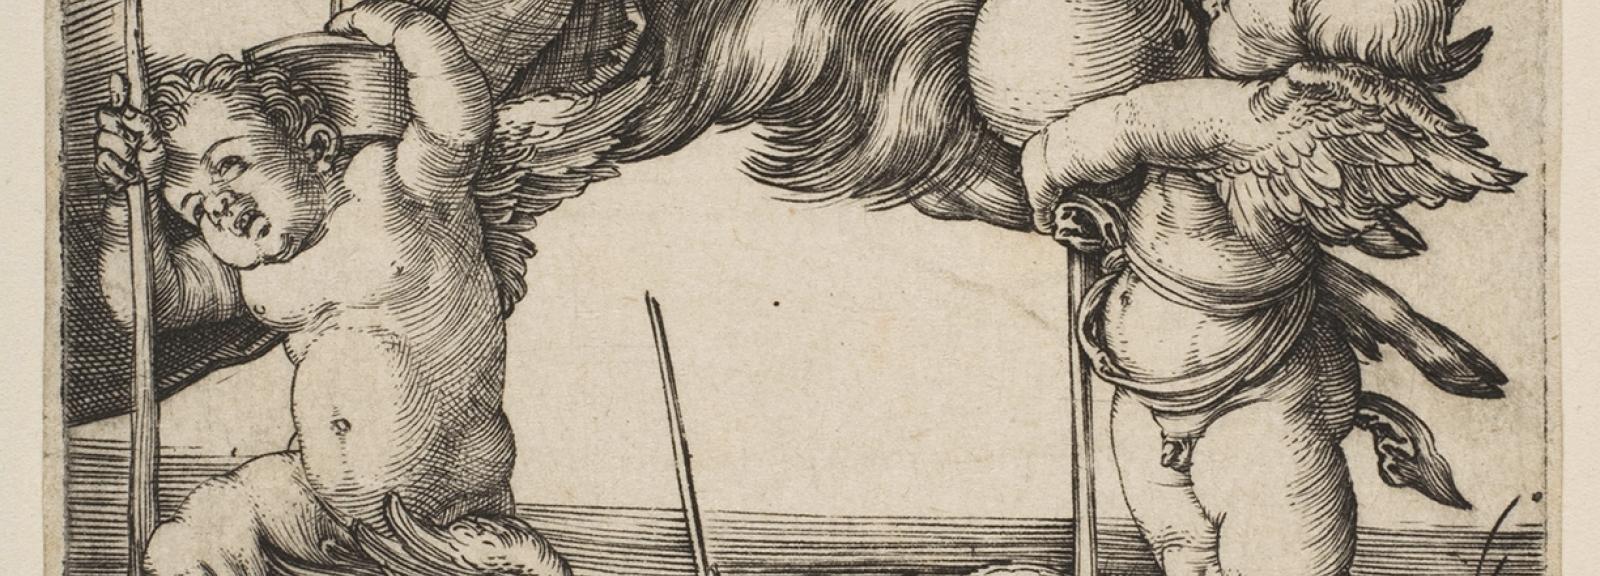 Gravure d'Albrecht Dürer (1471-1528), peintre graveur de la Renaissance allemande - CC 0 (domaine public)